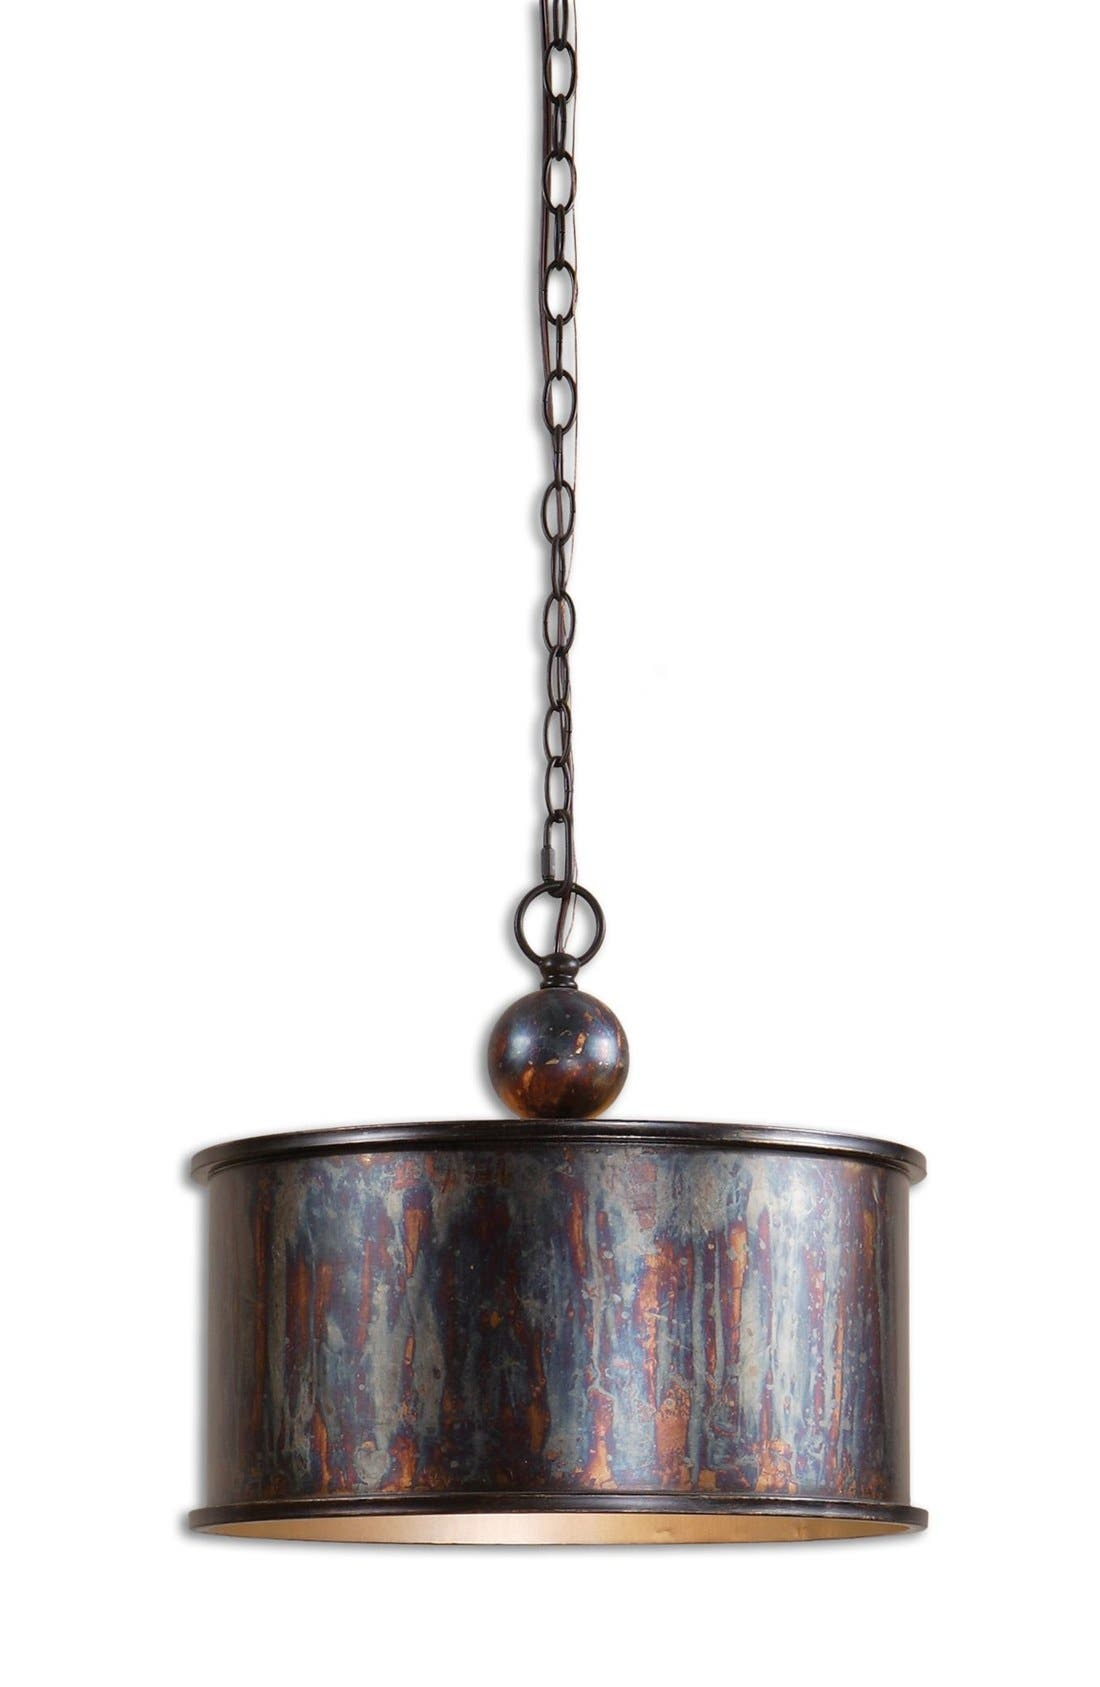 uttermost bronzed pendant light - Uttermost Lighting